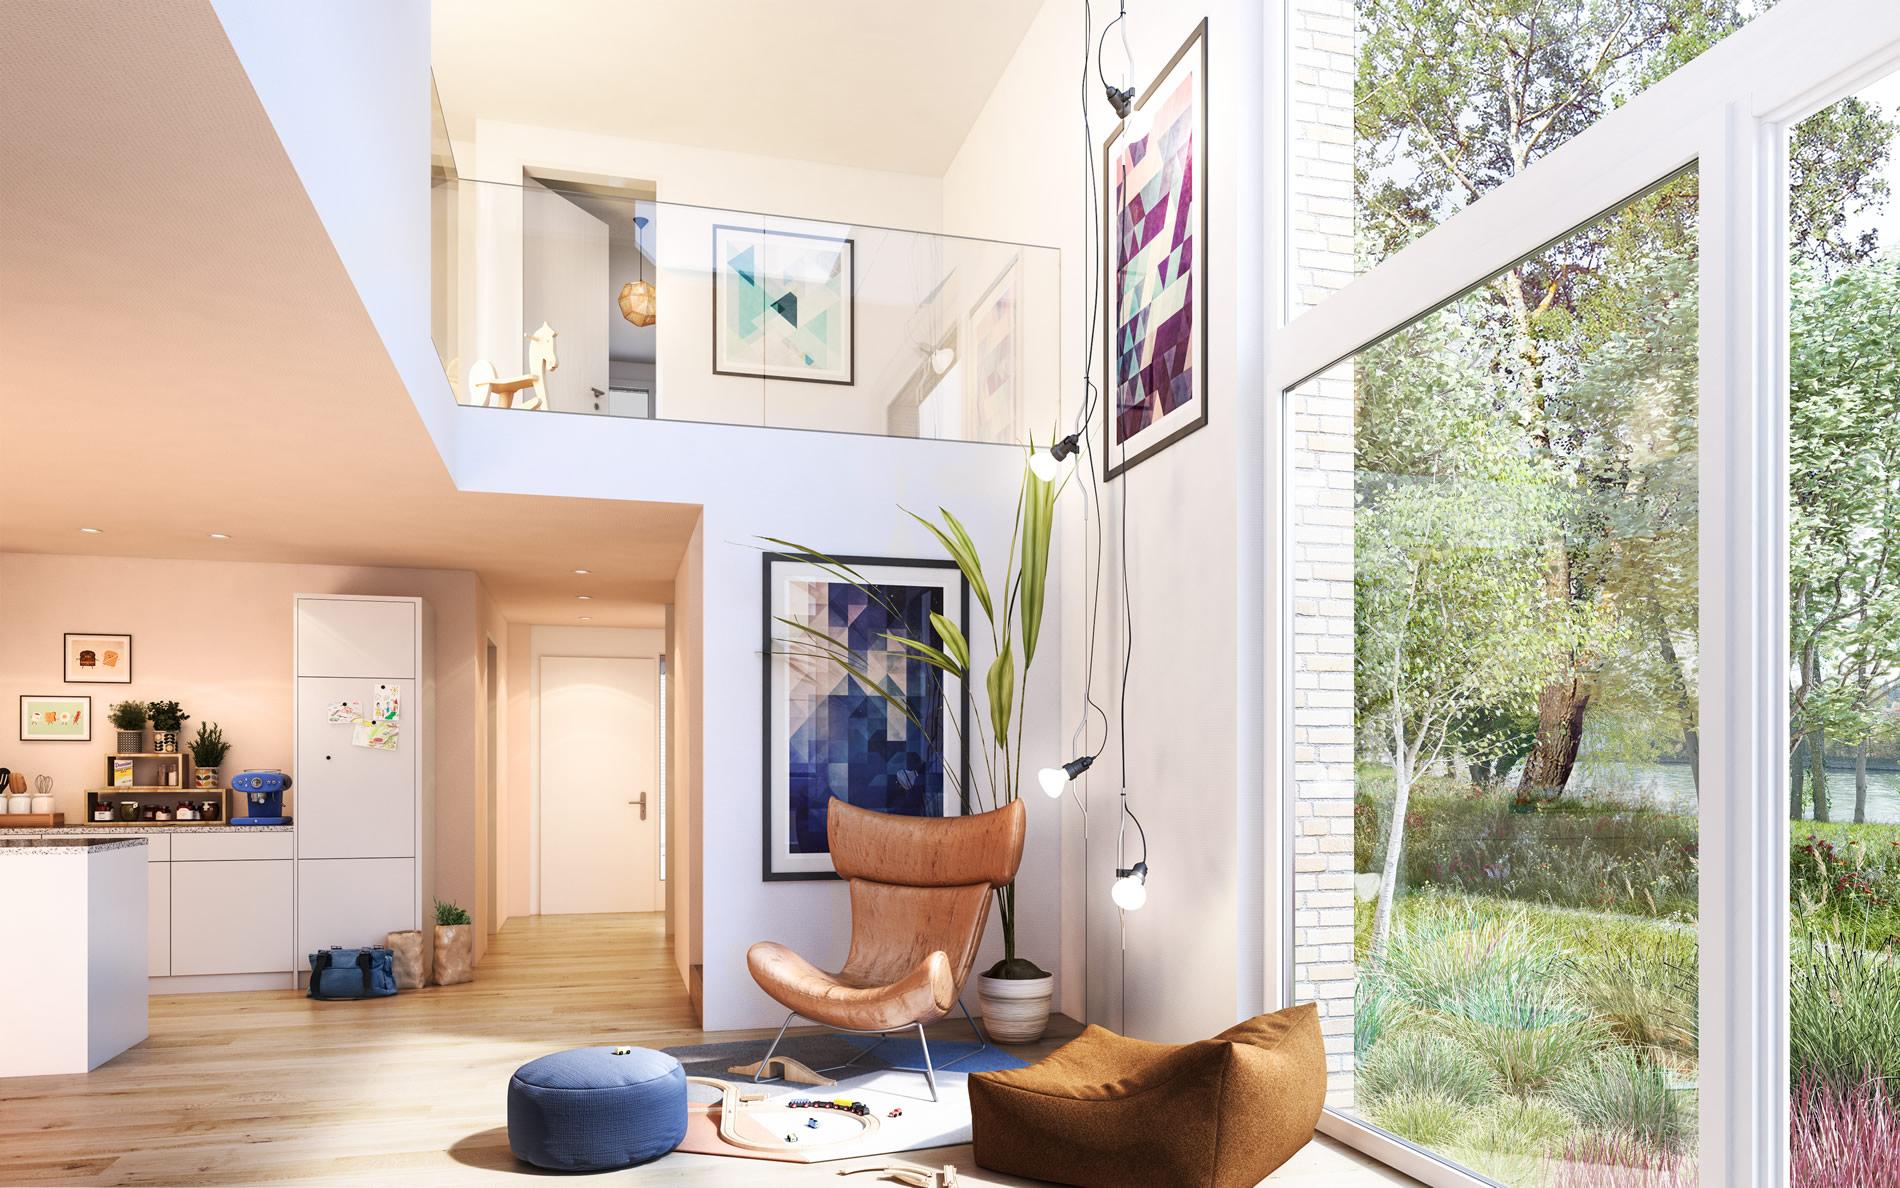 am ufer auf zu neuem wohnen. Black Bedroom Furniture Sets. Home Design Ideas